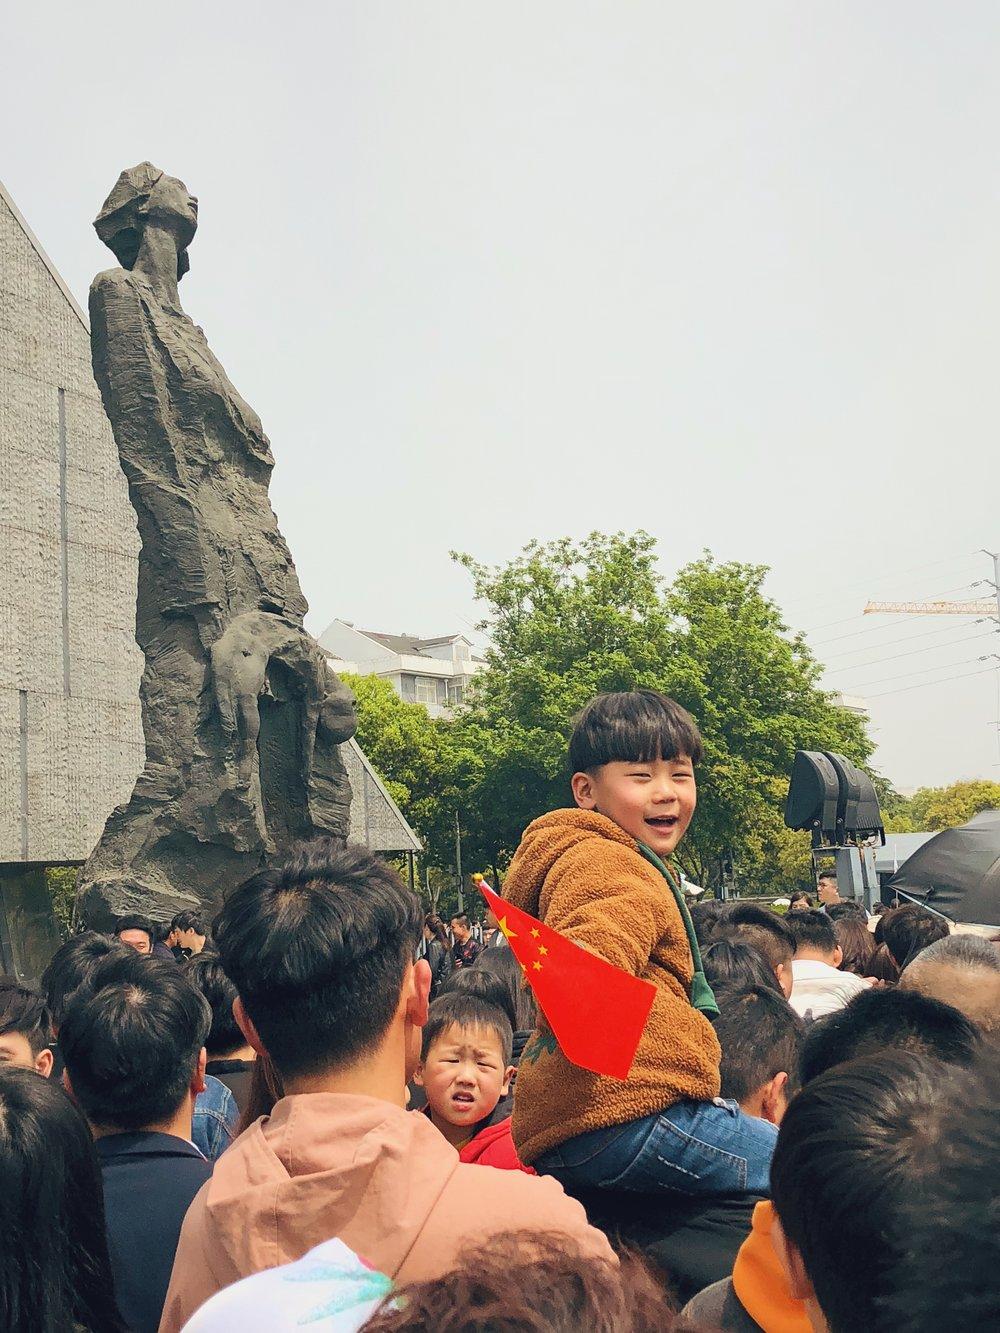 kids in crowd.jpg